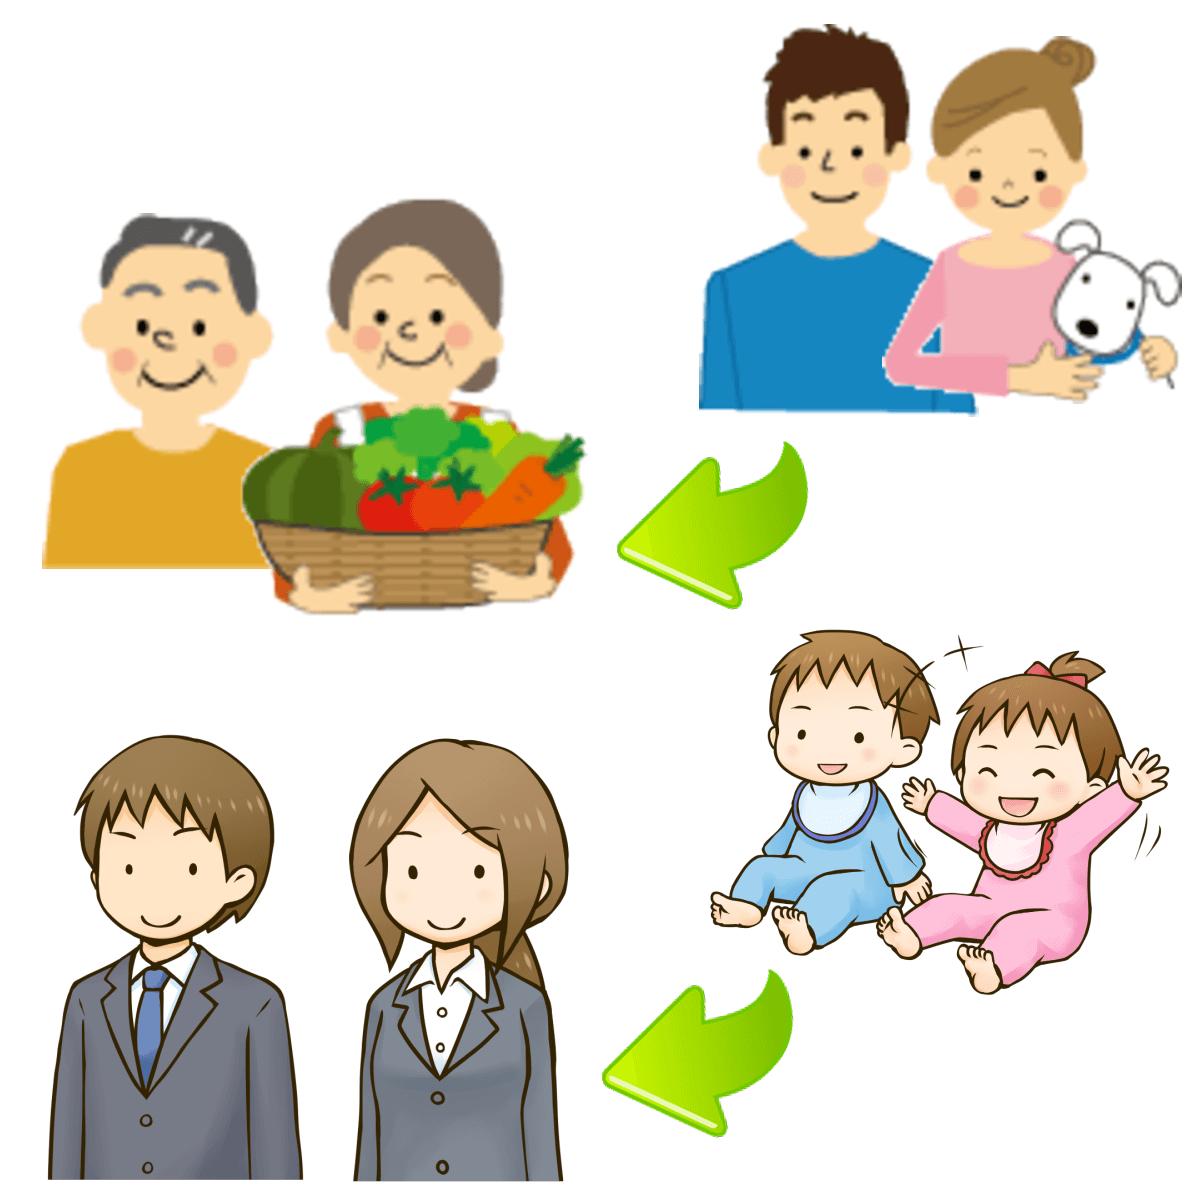 子供の成長と共に親も成長していく様子を表わすイラスト